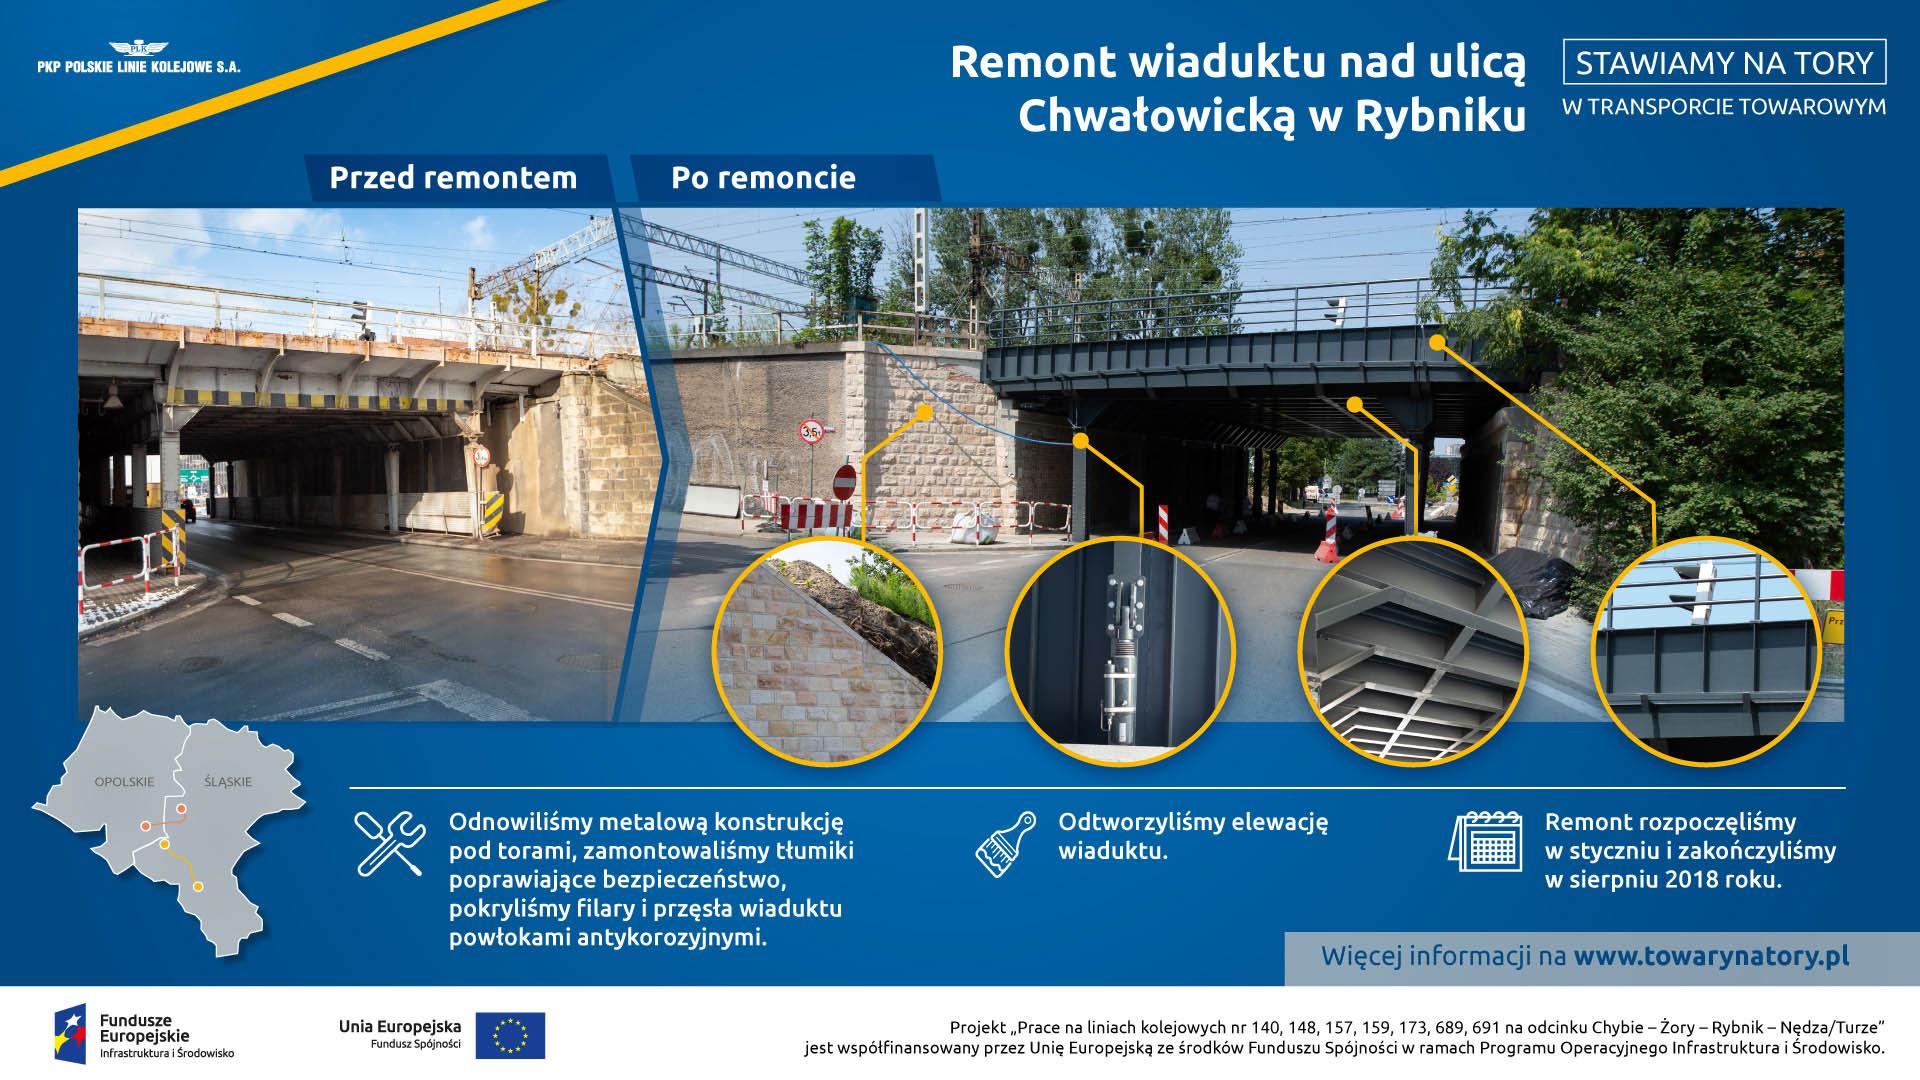 Infografika przestawia obrazkowo zmiany jakie zaszły po modernizacji wiaduktu nad ulicą Chwałowicką w Rybniku.